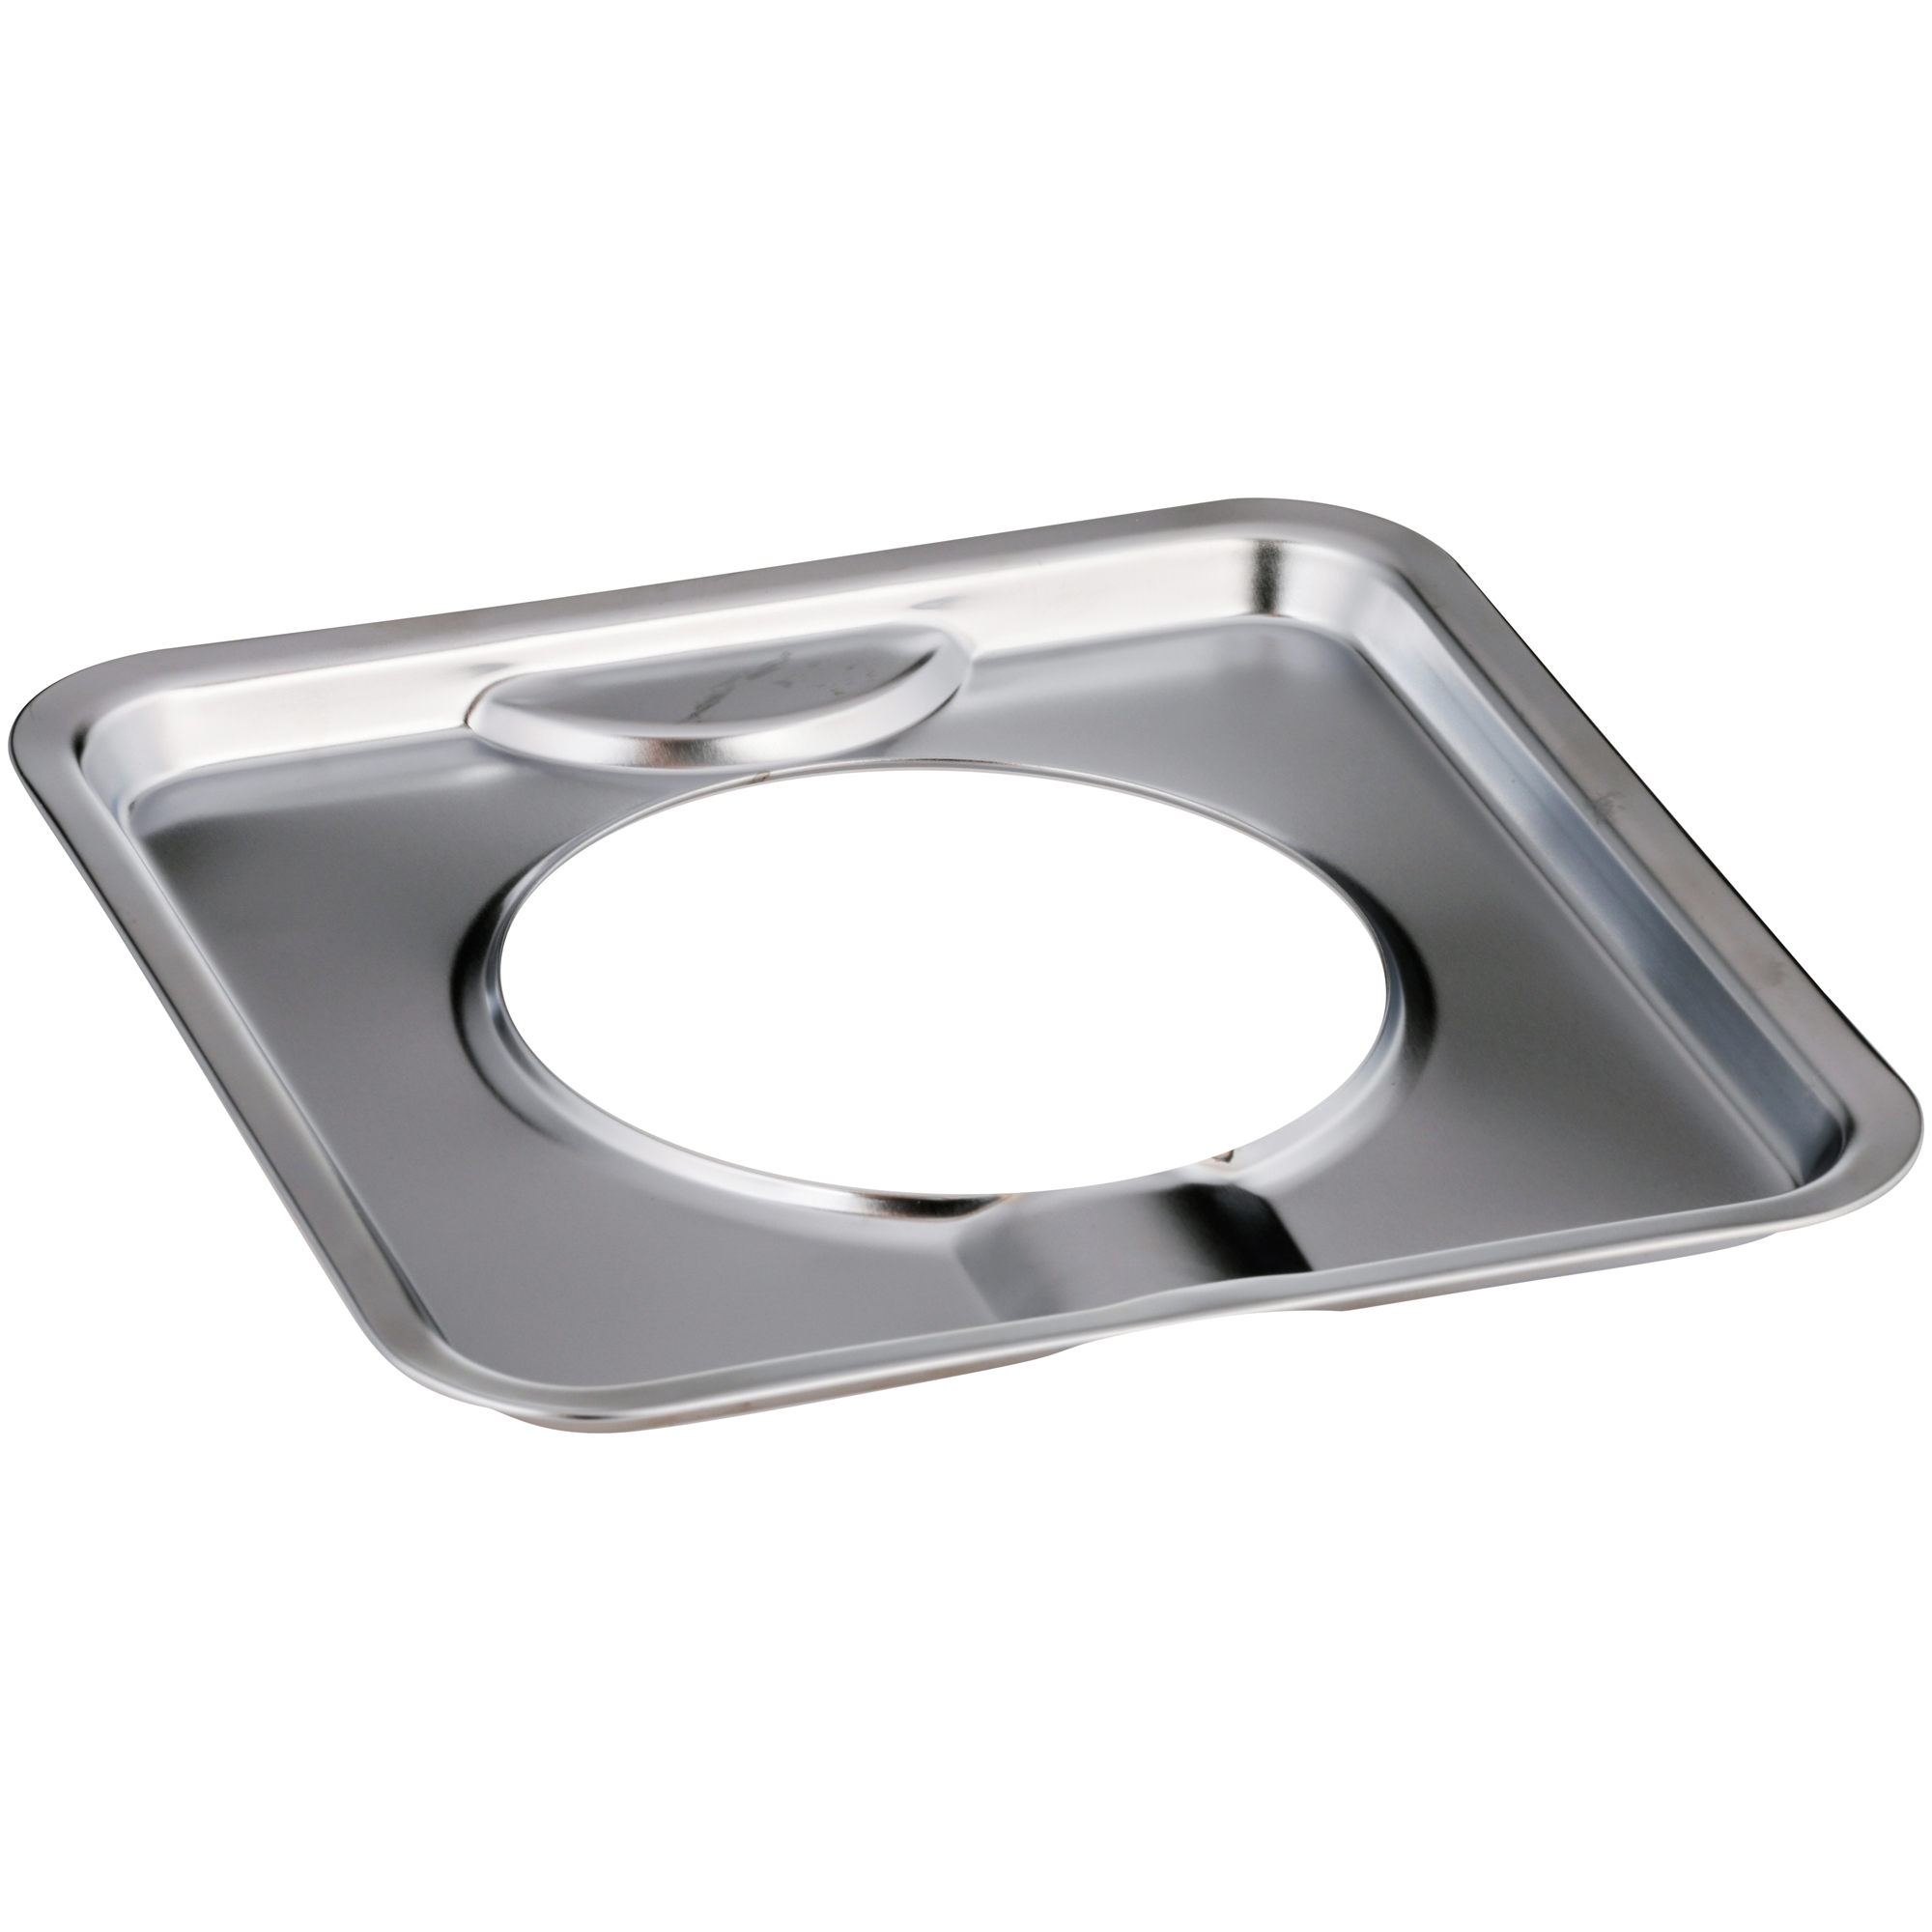 Range Kleen® Gas Range Drip Pan